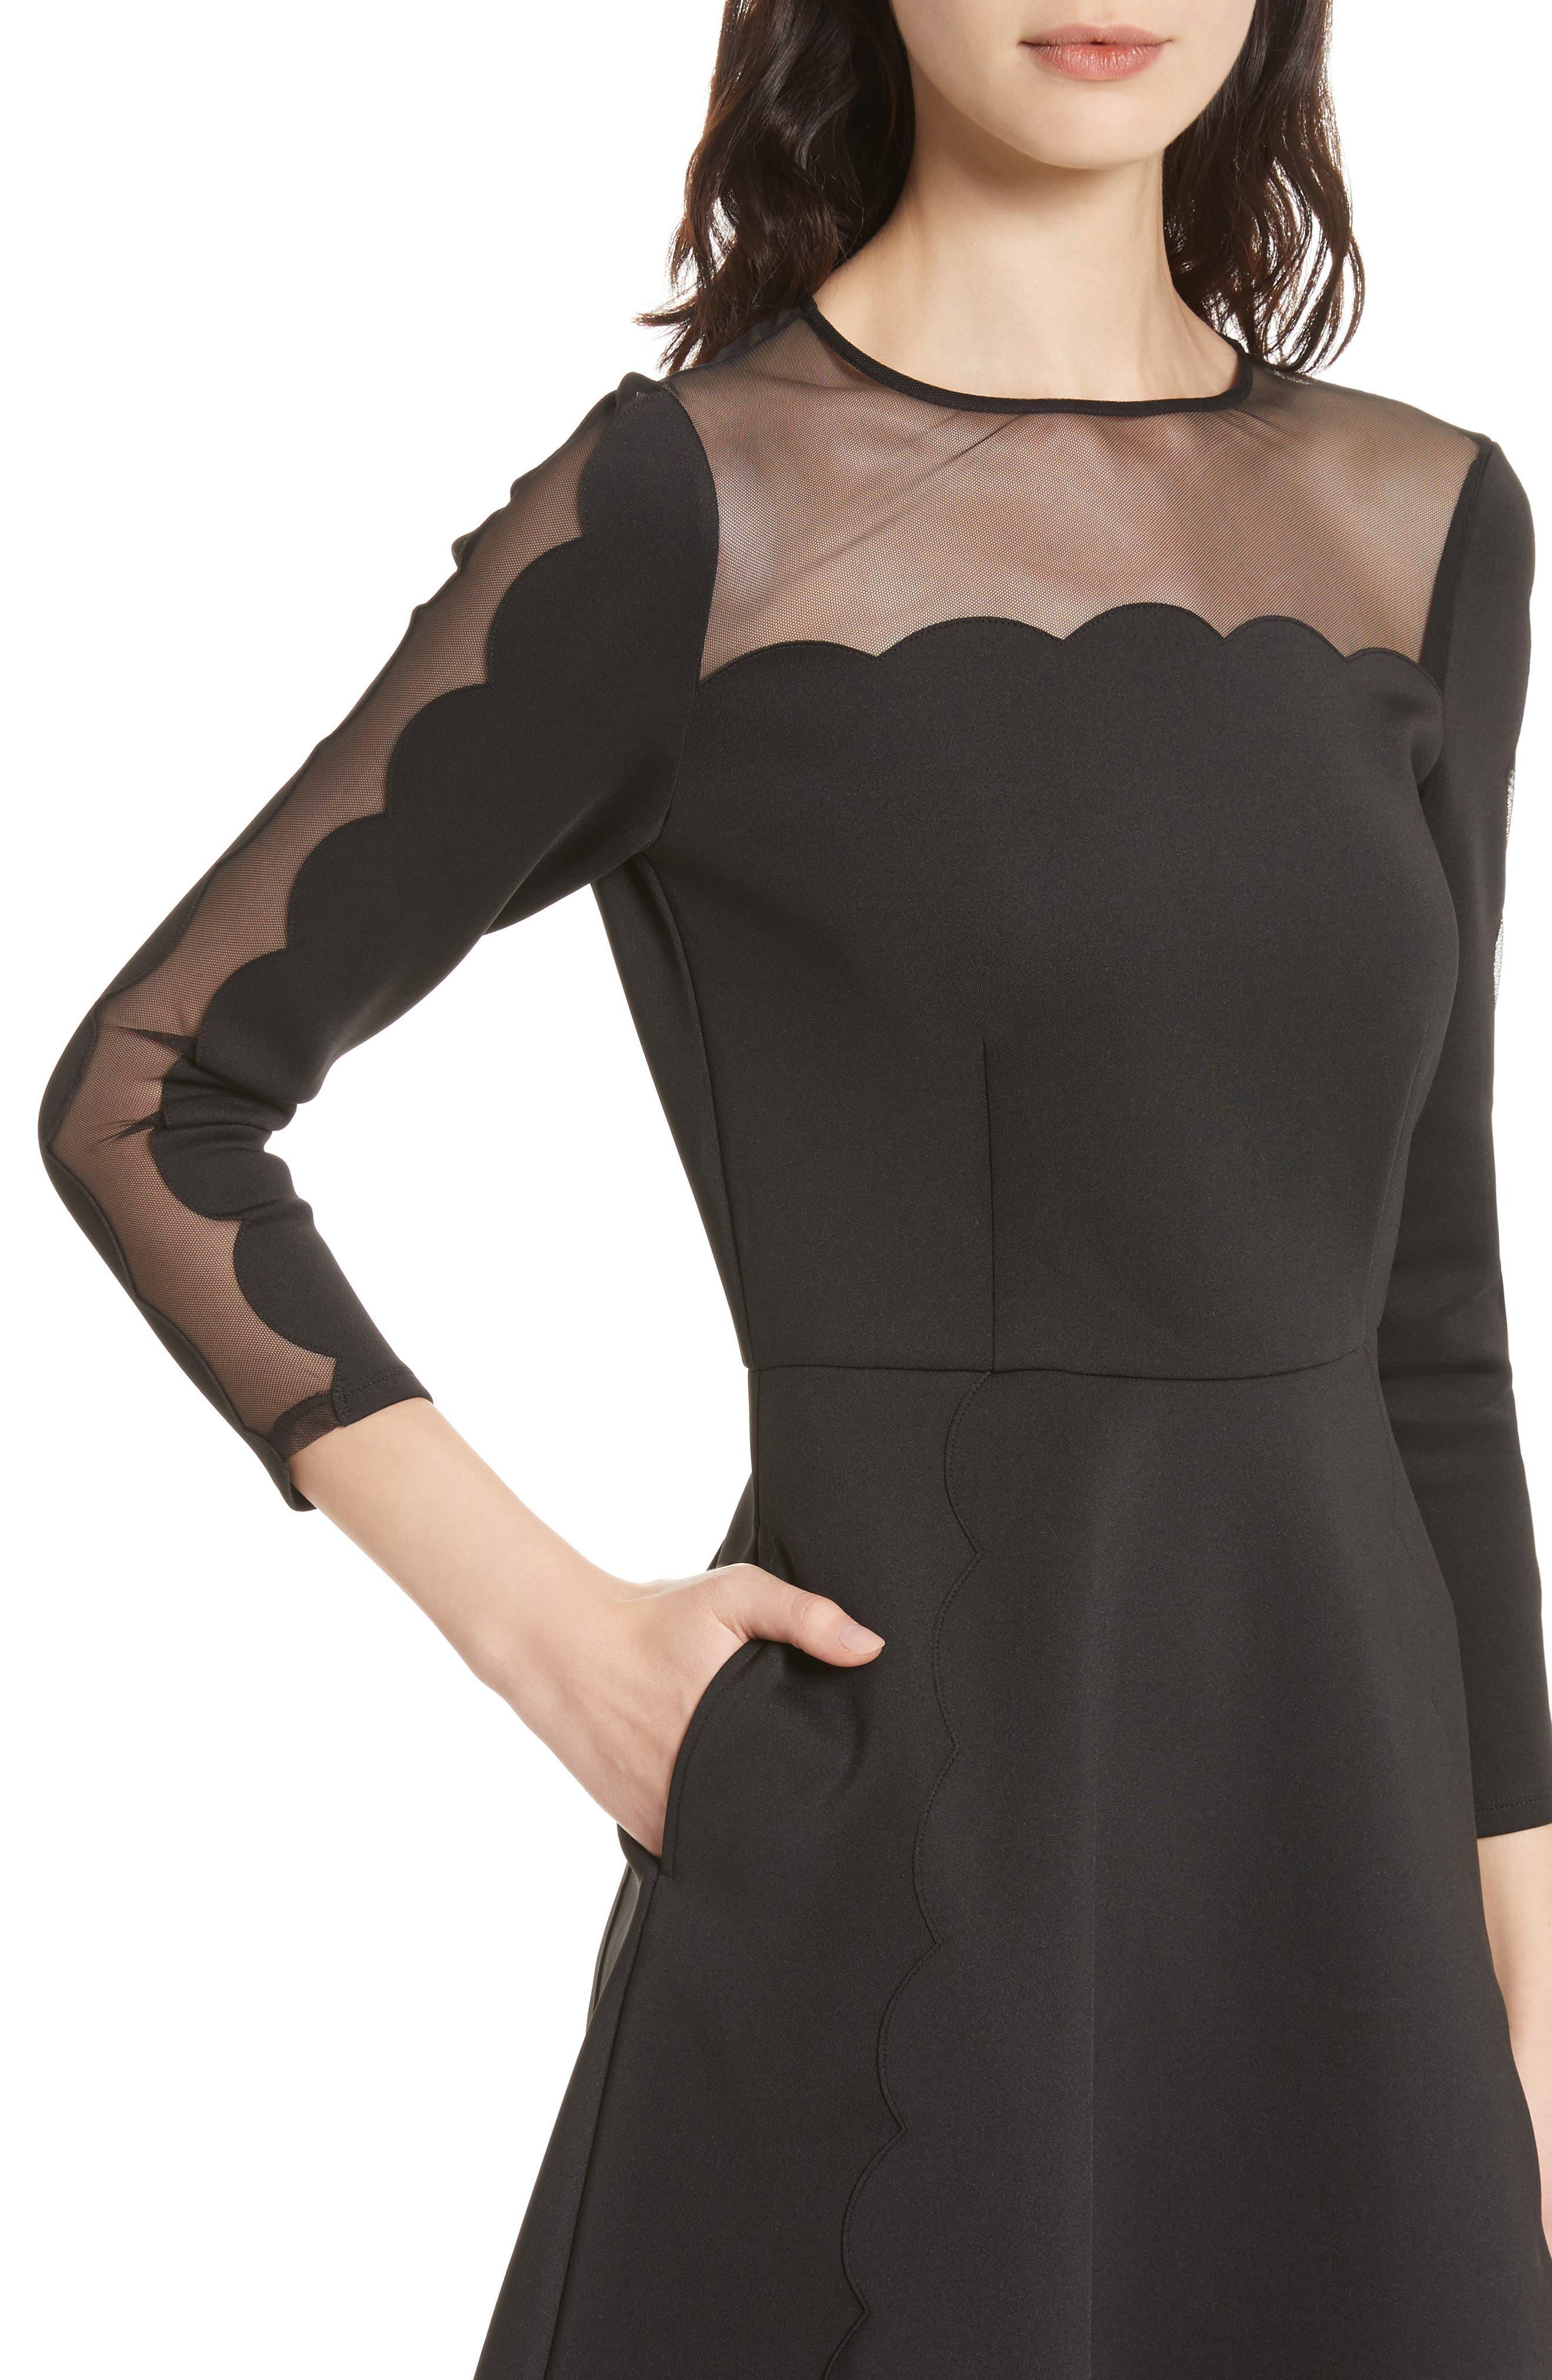 Kikoh Mesh Panel Skater Dress,                             Alternate thumbnail 4, color,                             Black